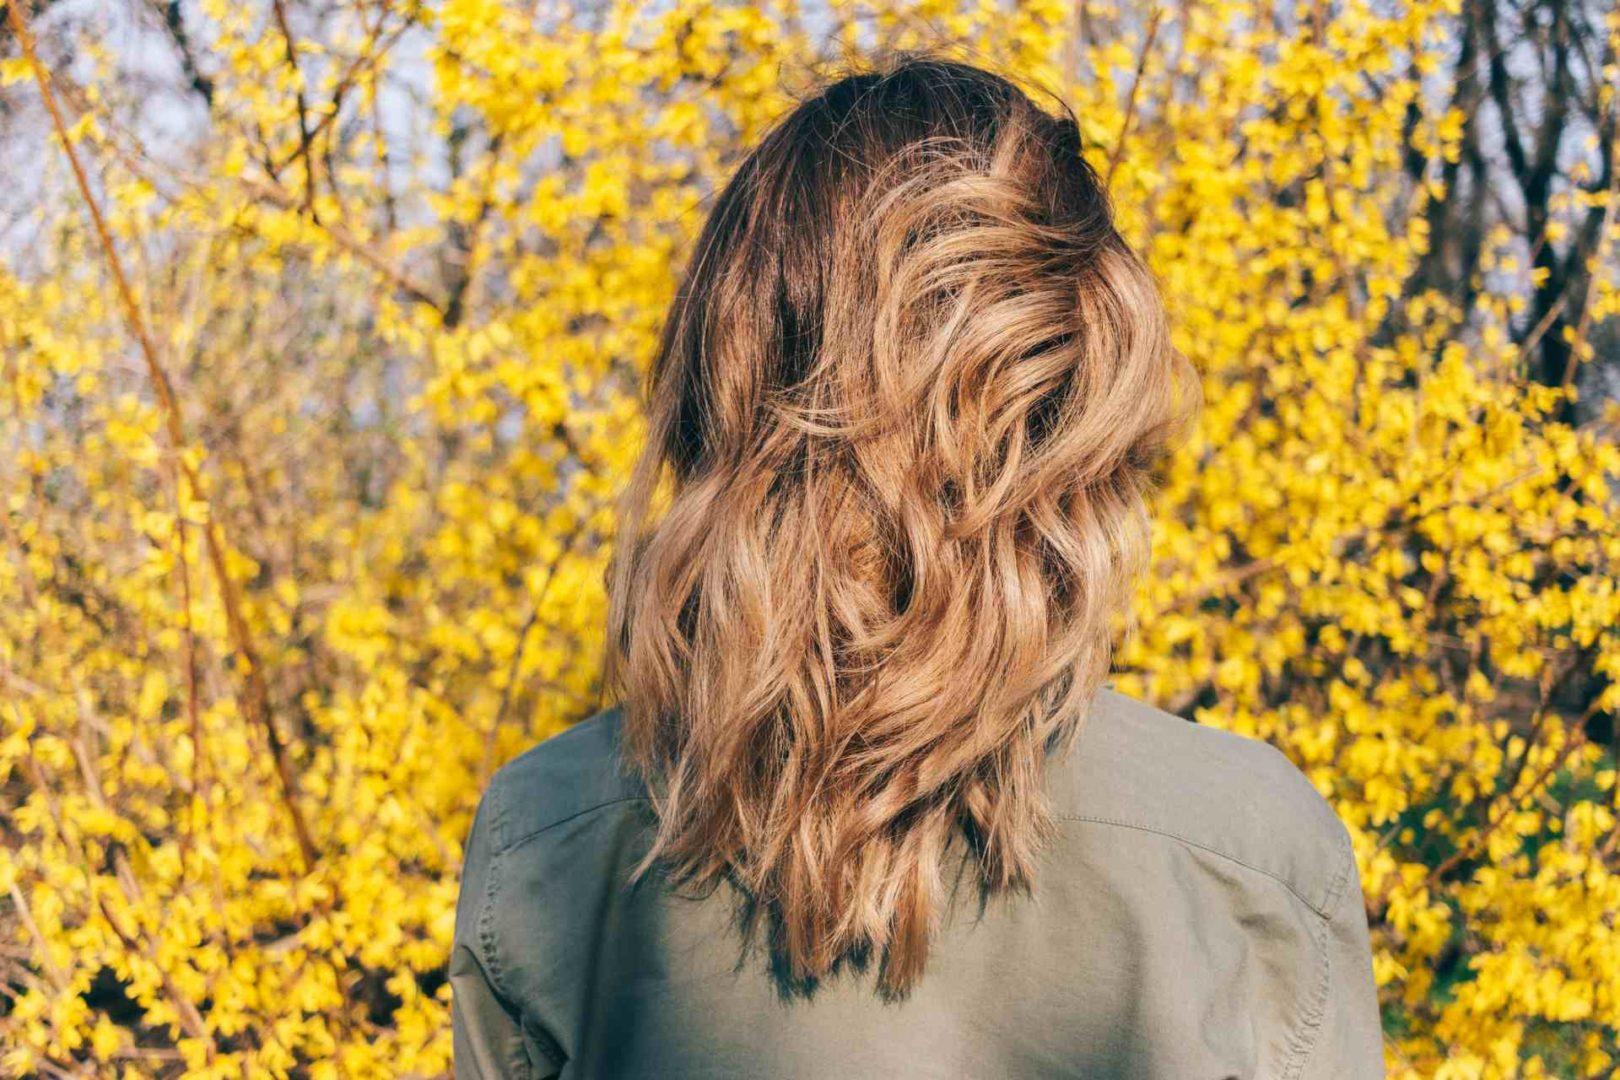 Tykkere hår. Foto